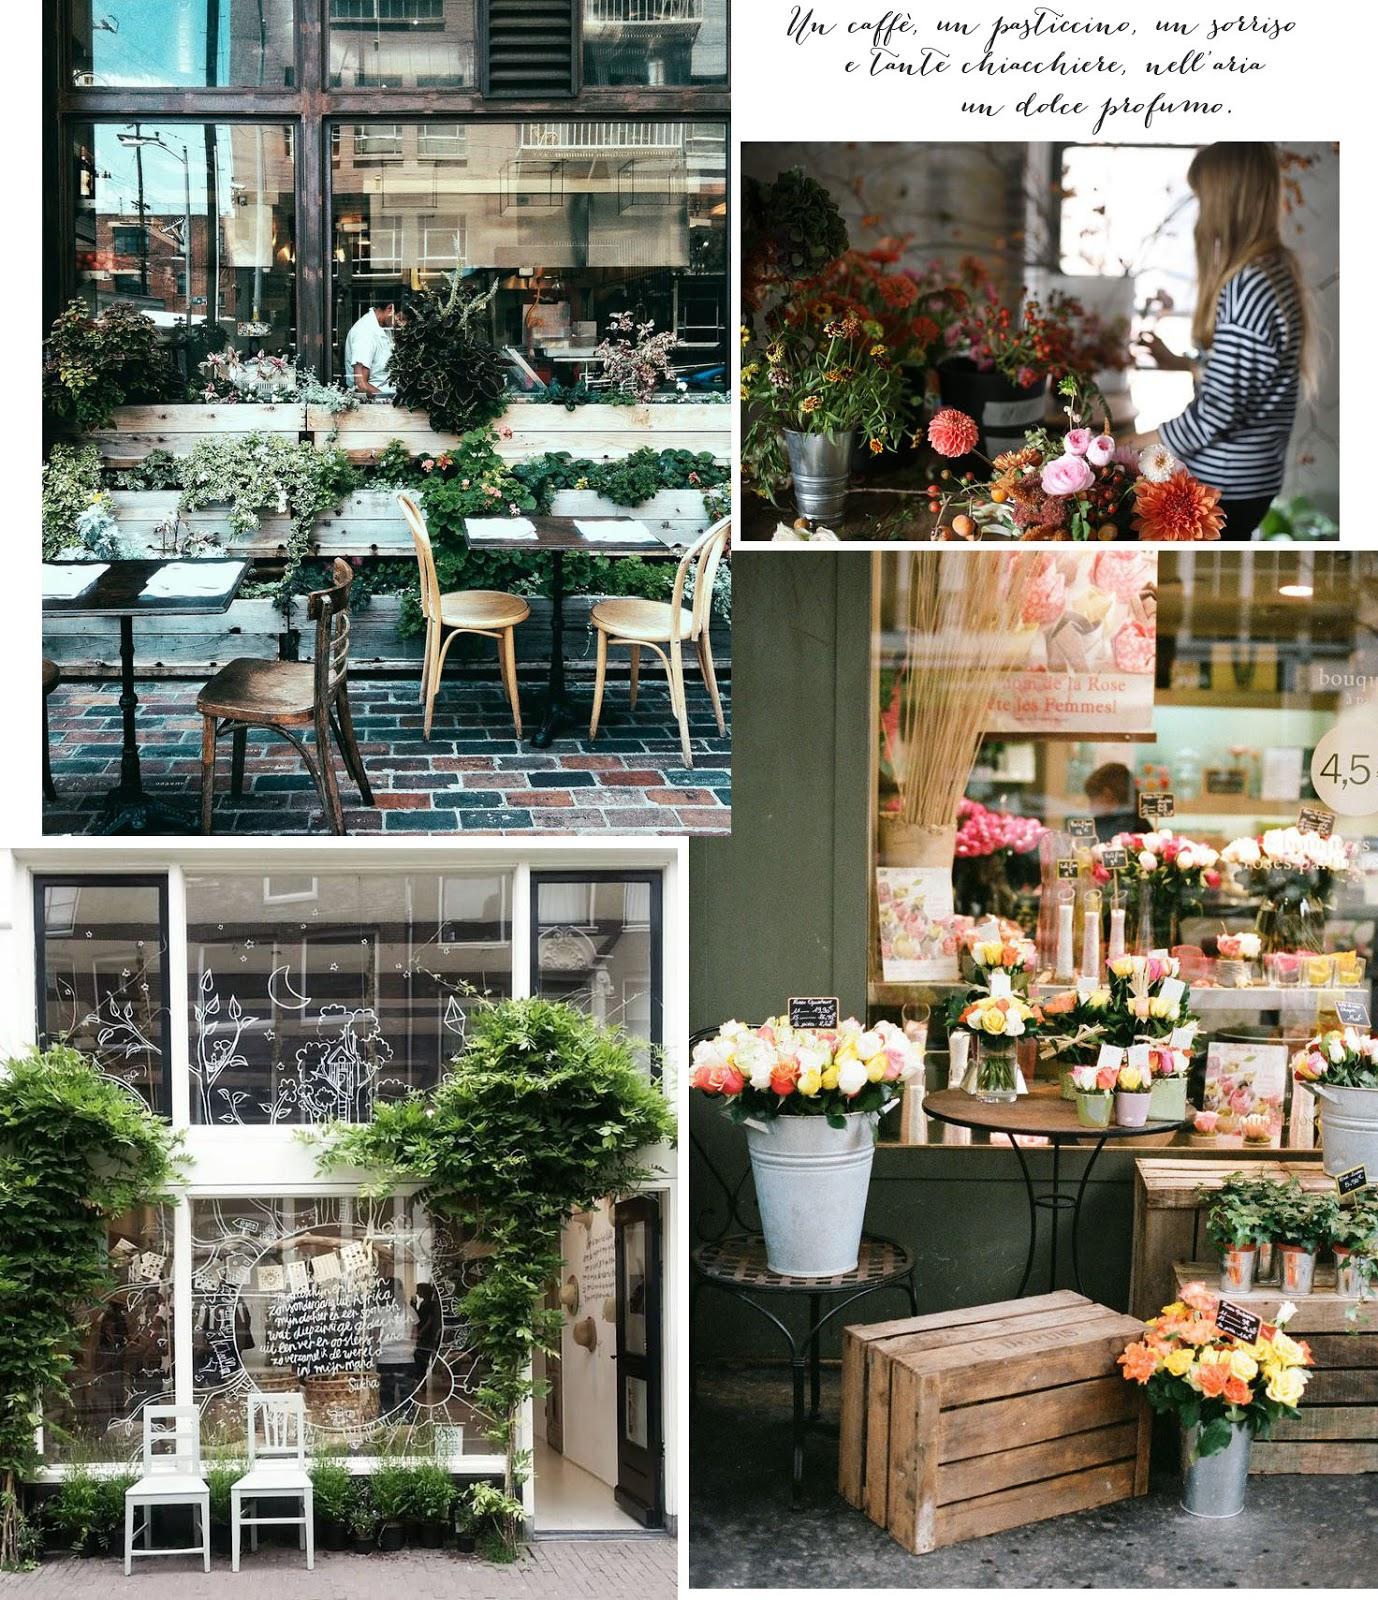 cibo & fiori - shabby chic interiors - Shabby Chic Arredamento Negozi